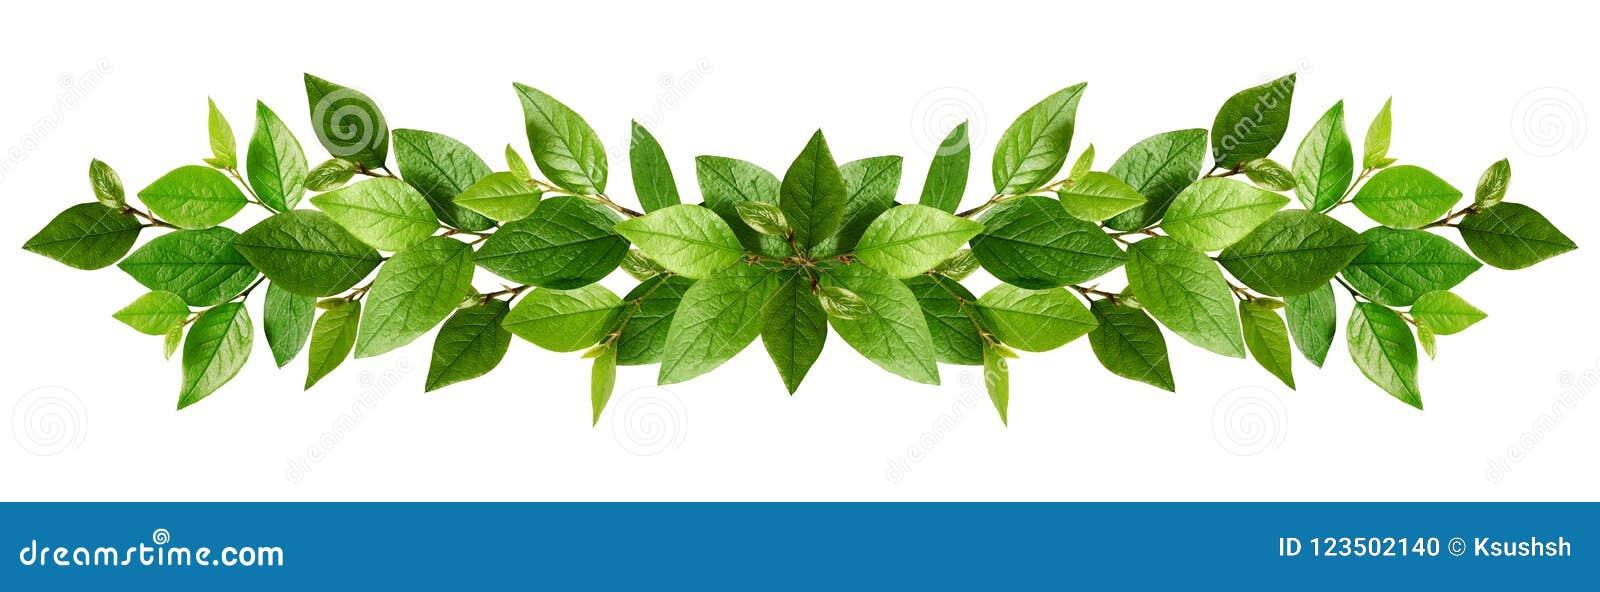 Gałązki z świeżymi zielonymi liśćmi w girlandzie